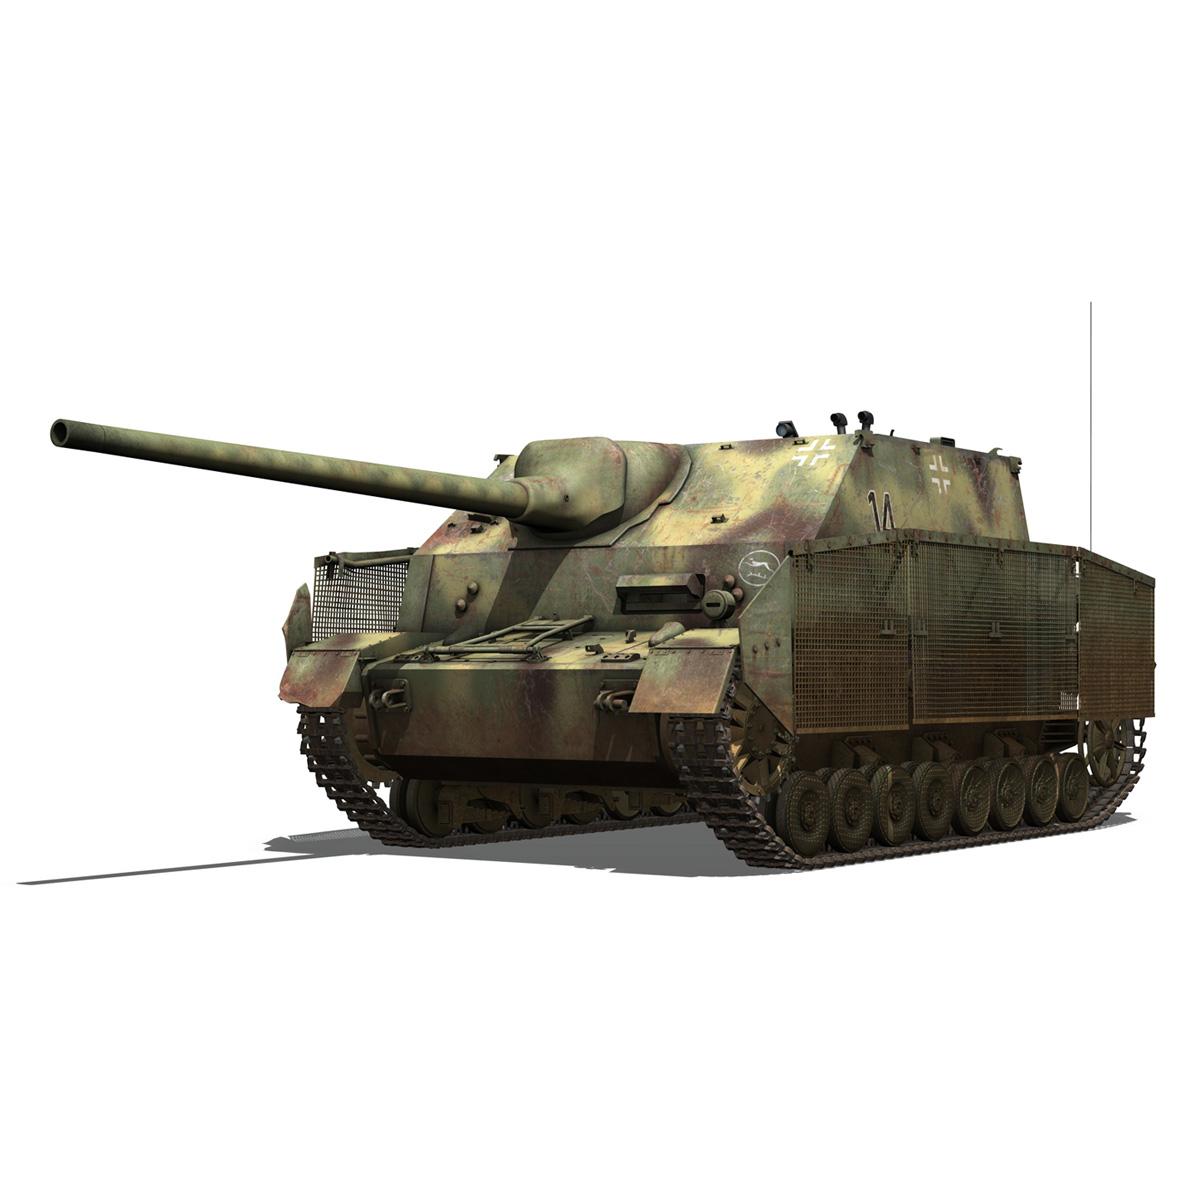 jagdpanzer iv l/70 (a) – 14 3d model 3ds fbx c4d lwo obj 282328